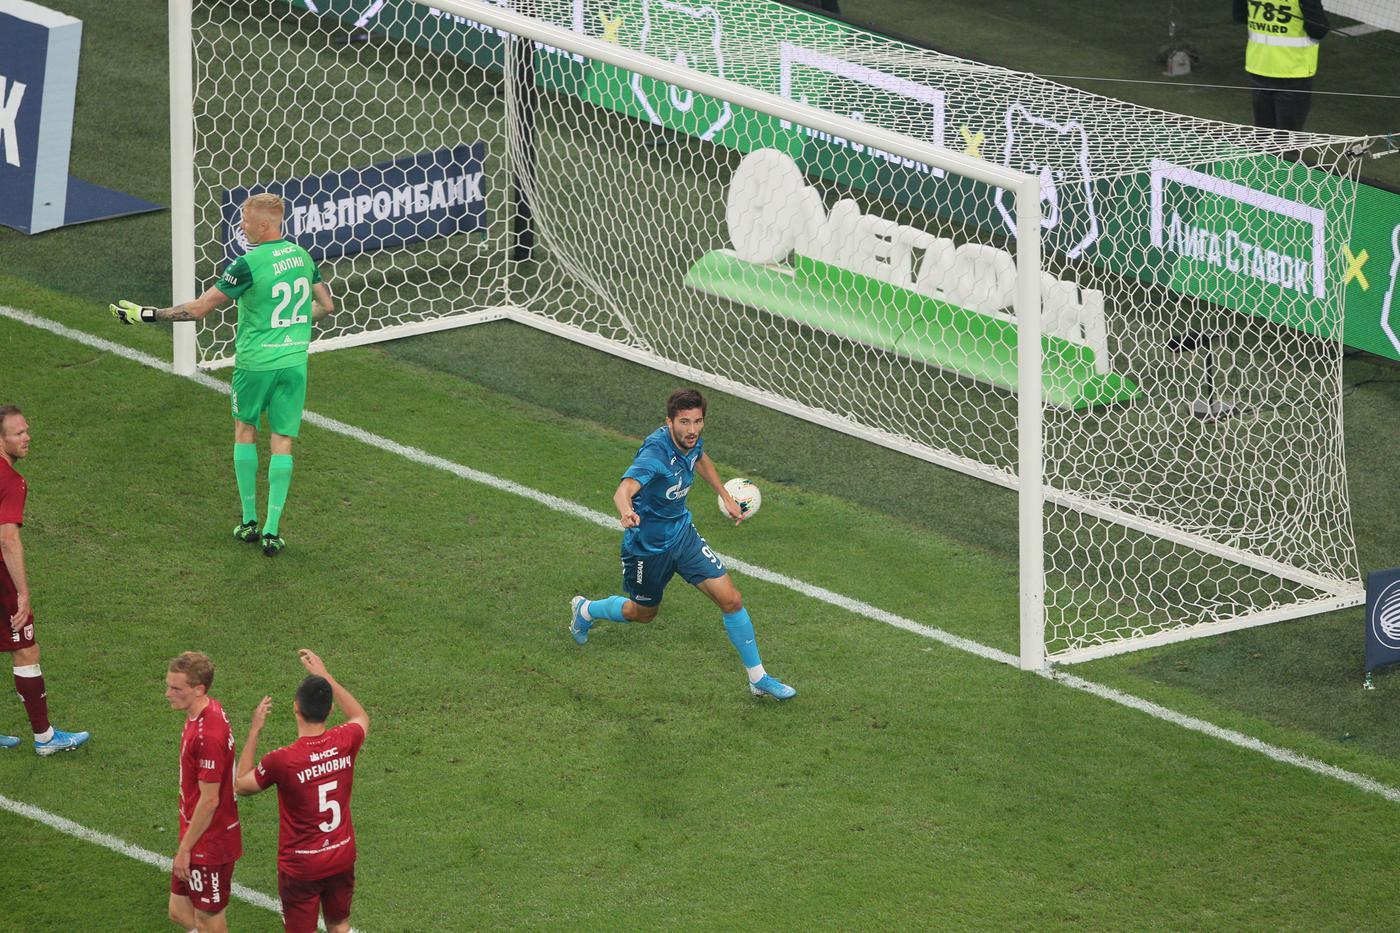 «Рубин» пропустил два гола от своей «легенды»: Сутормин начал отрабатывать трансфер в «Зенит» - фото